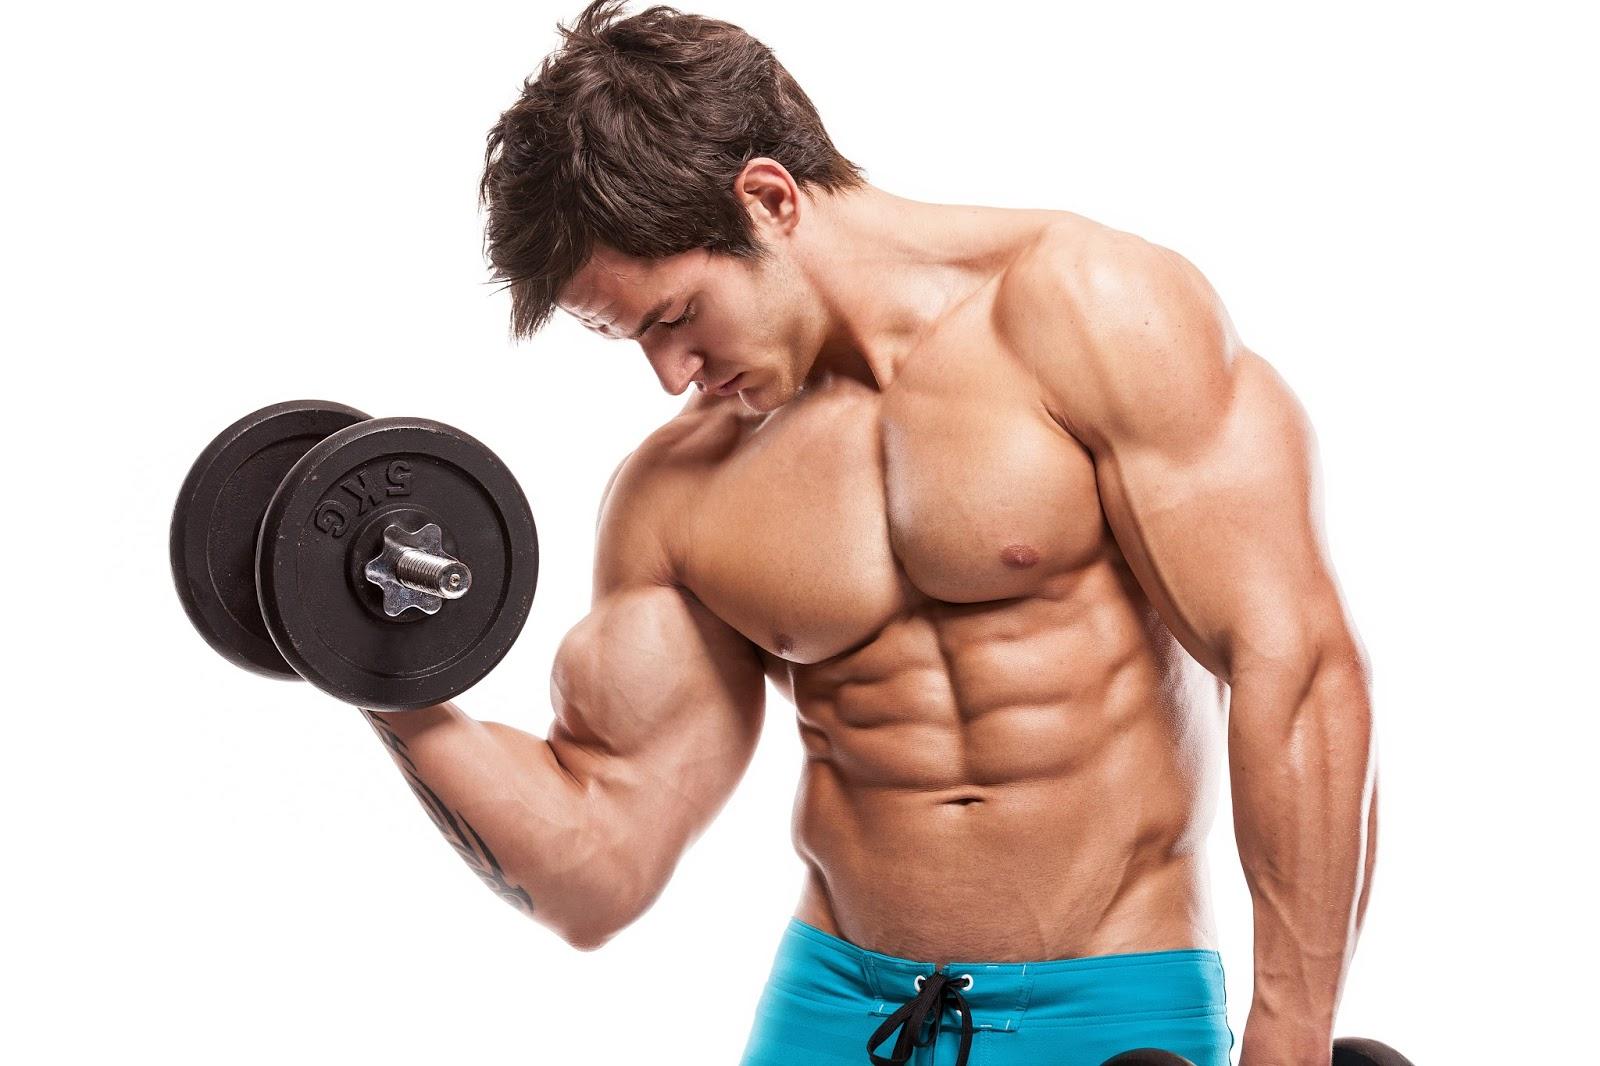 بالصور اجسام رياضية , اجمل الاجسام التي تمارس الرياضة 3353